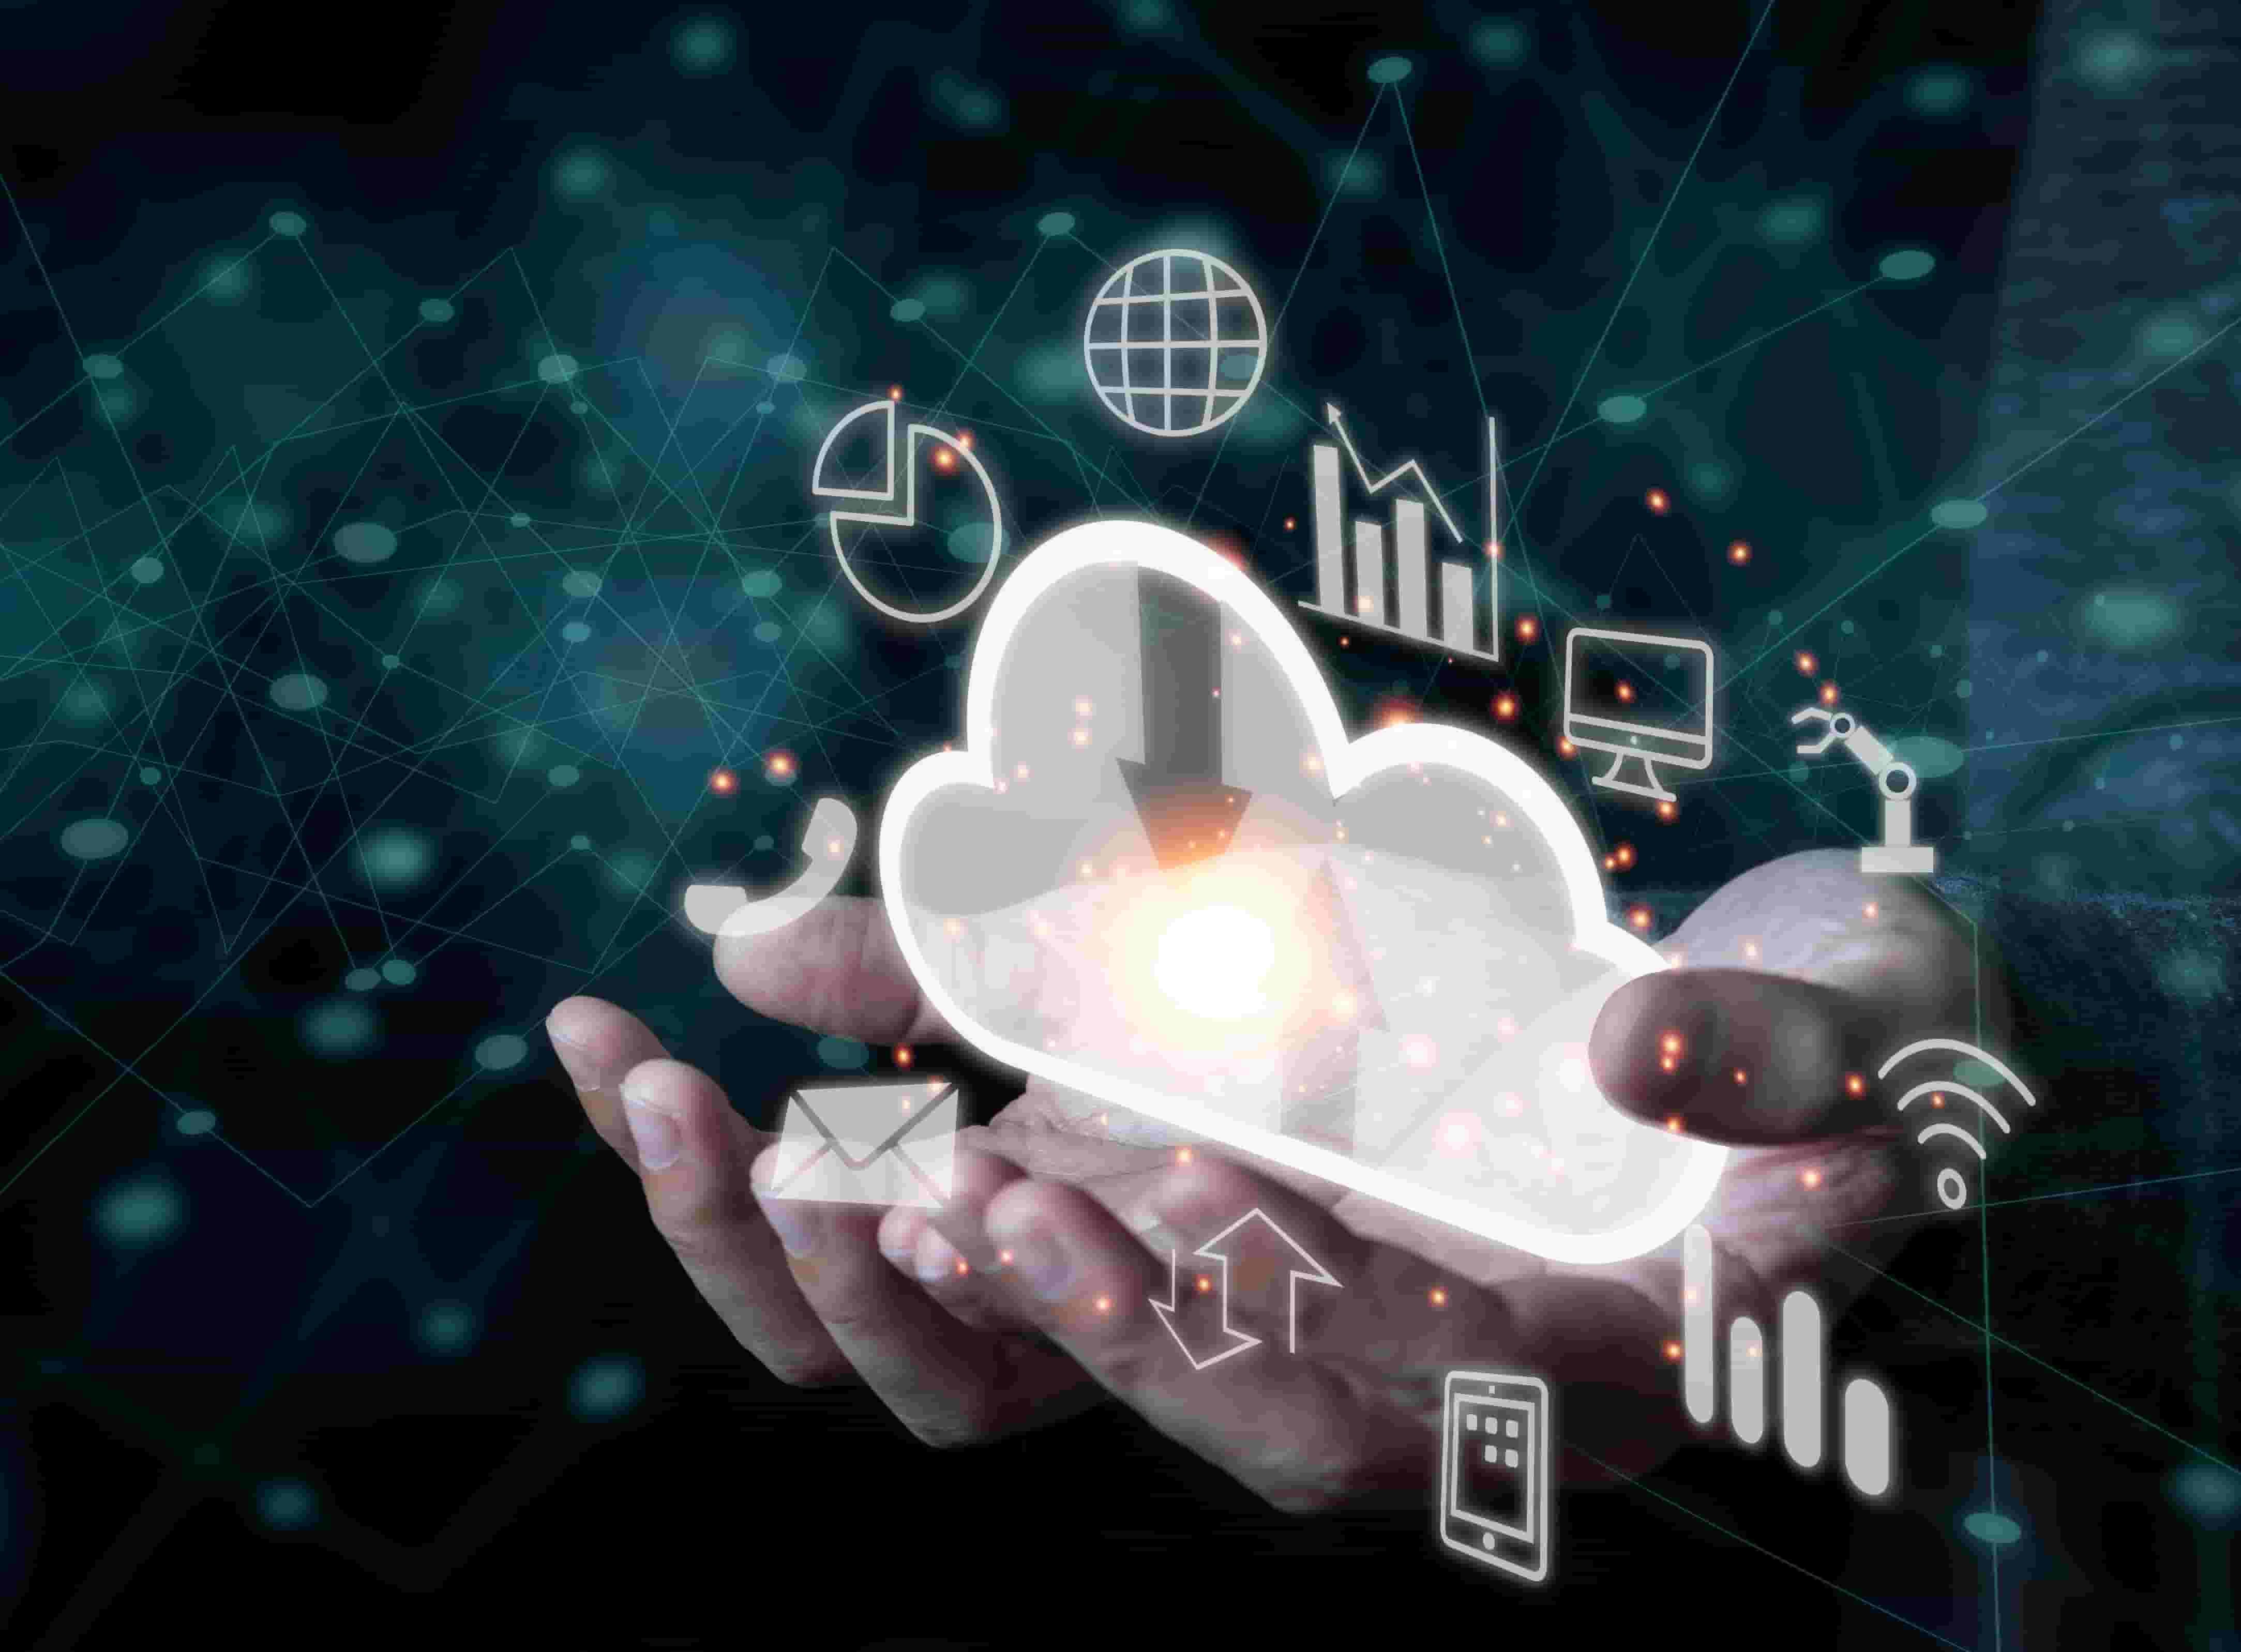 cloudferro project